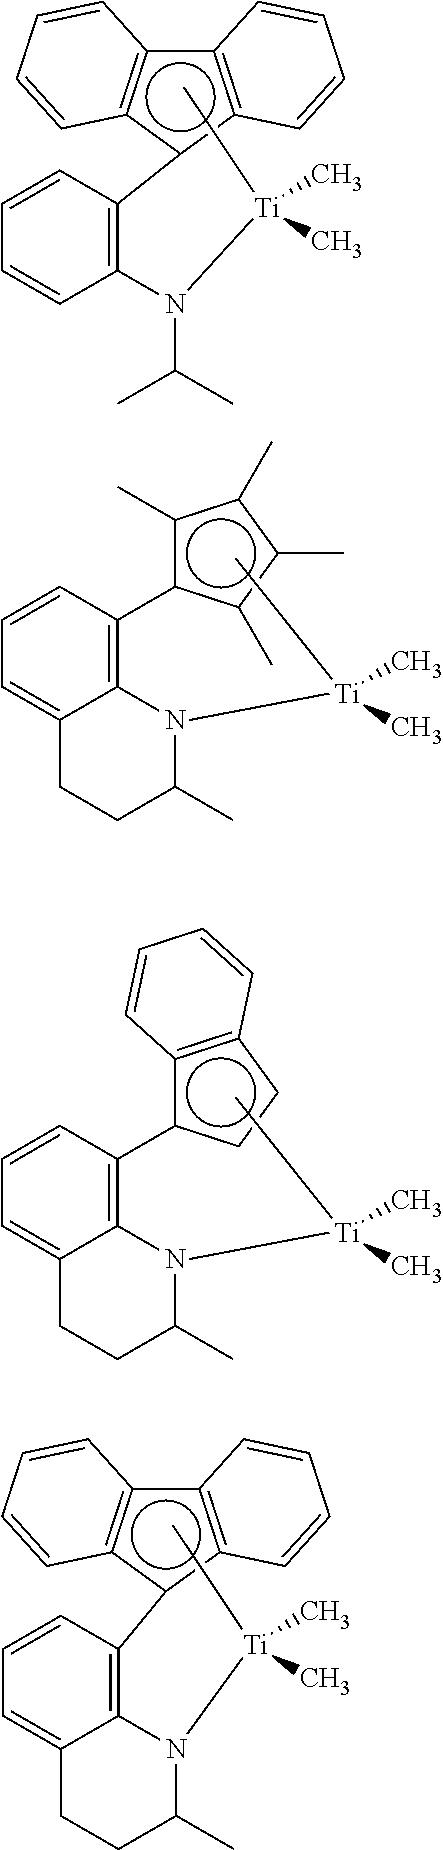 Figure US20110177935A1-20110721-C00041